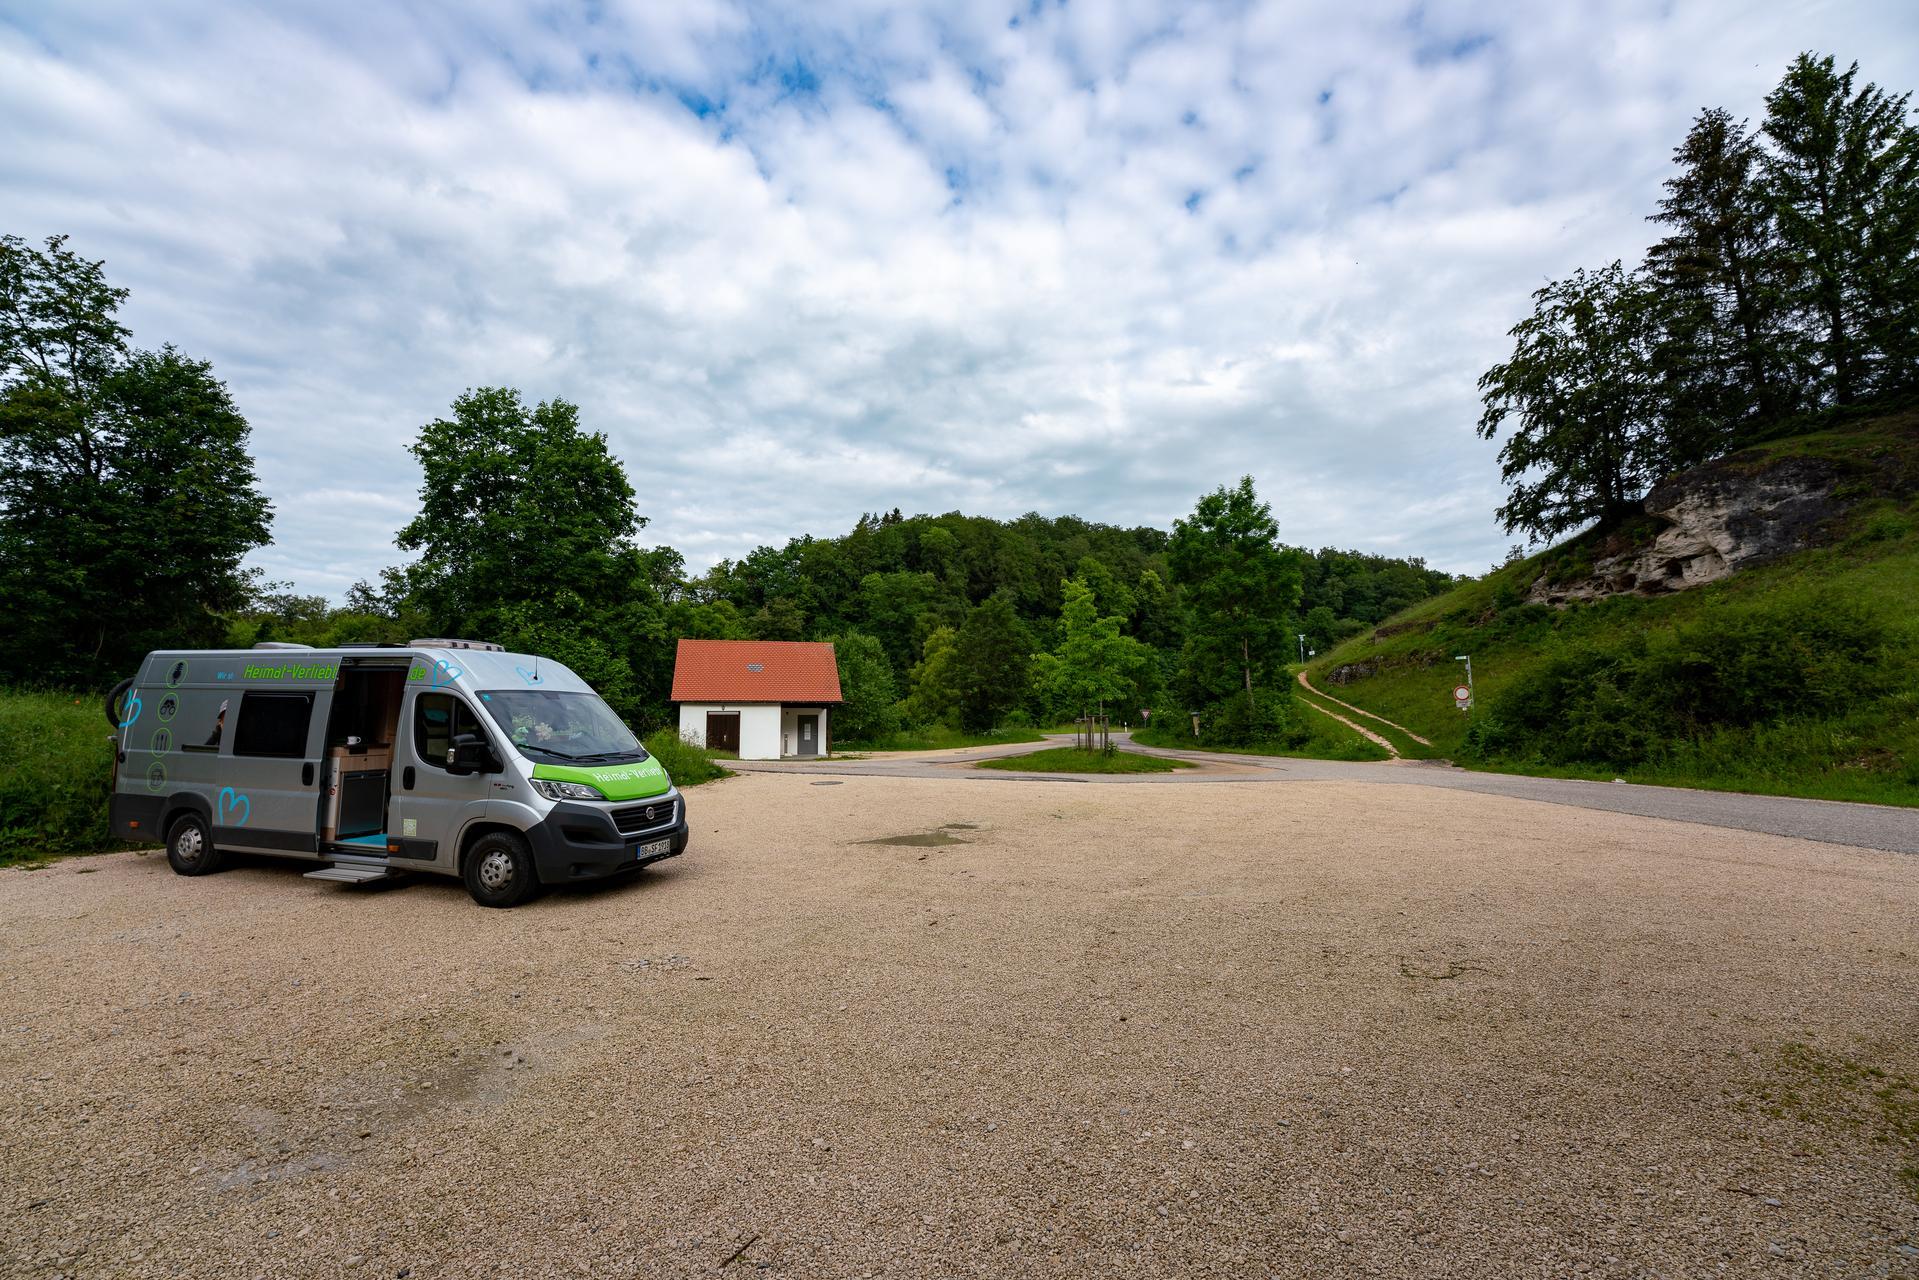 Auf einem großen Schotterparkplatz steht ein Campingbus. Dahinter ist ein kleines Häuschen. Drumherum sind Wiesen und Wälder in saftigem grün. Der Himmel ist leicht bewölkt.